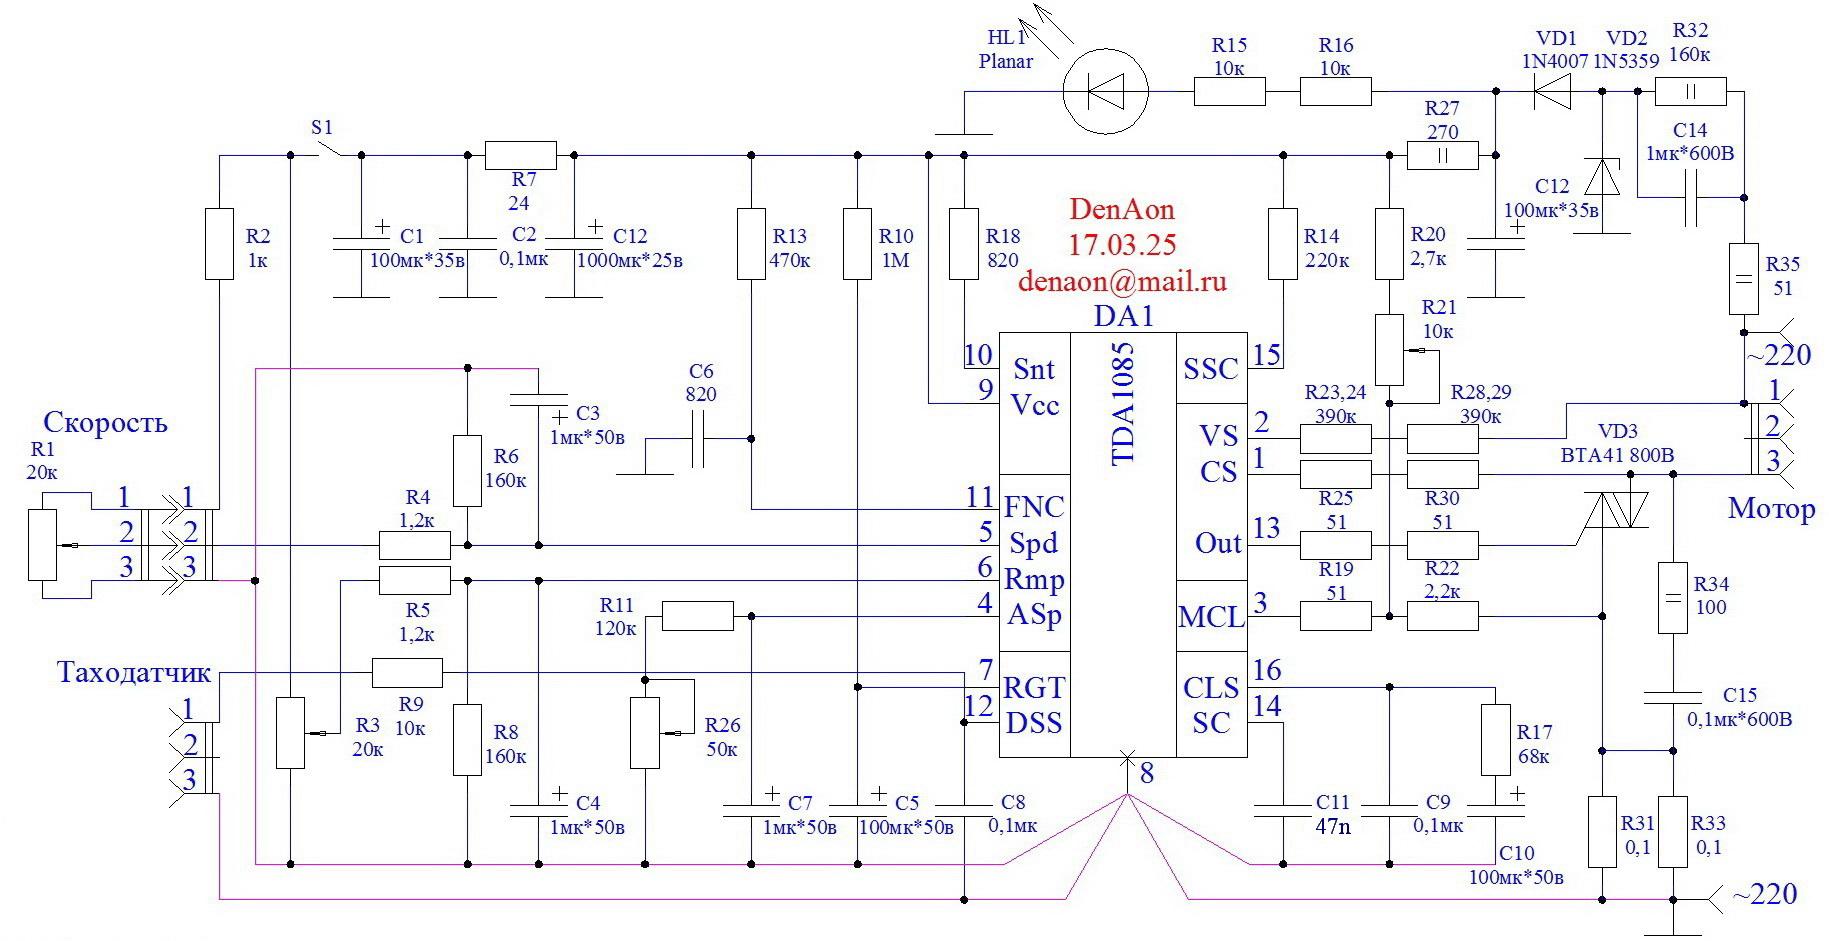 Регулятор хода для коллекторных двигателей схема